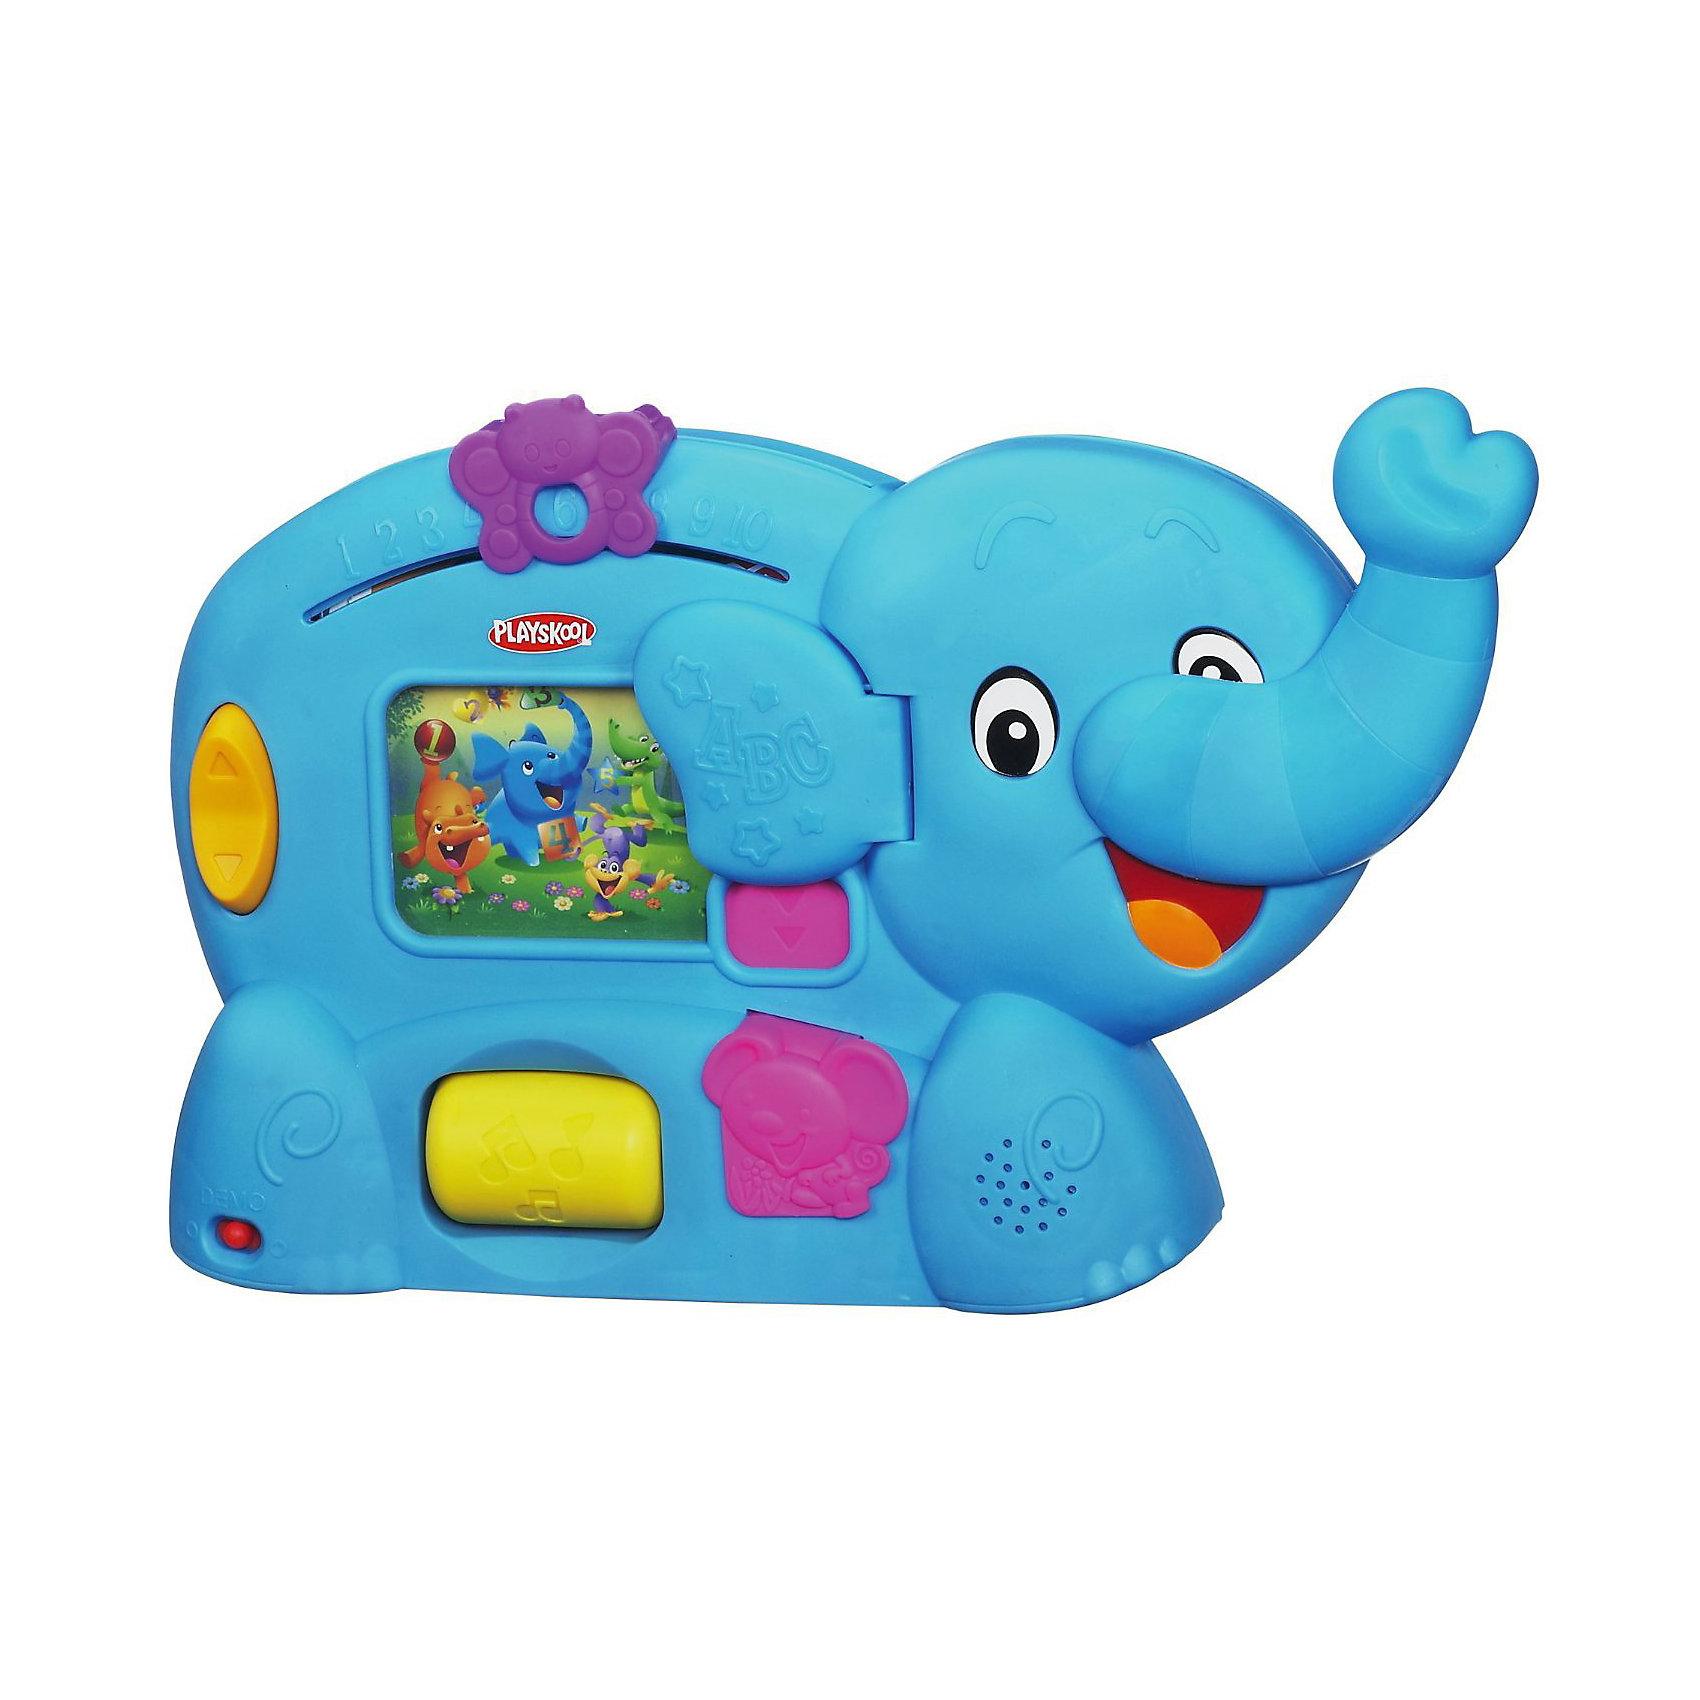 Обучающая игрушка Слоник, PlayskoolОбучающая игрушка Слоник, Playskool - это настоящий учитель для Вашего ребенка. Слоник поможет Вашему малышу выучить: буквы, слова, счет, цвета, формы, манеры и многое другое! <br><br>На у слоника расположен экран, где по очередности будут показываться все его друзья. Бабочка, расположенная в верхней части, научит  ребенка считать до 10! <br>Также игрушка развивает мелкую моторику: чтобы начать игру, нужно опустить вниз хобот слоника. <br>Нажмите на мышку, чтобы узнать все о цветах и формах. <br>Слоник говорит по-русски. <br>Продается в открытой упаковке с функцией TRY ME.<br><br>Дополнительная информация:<br><br>- В комплекте: обучающая игрушка Слоник.<br>- Материал: пластмасса.<br>- Интерактивные функции: учит цветам, формам, счету.<br>- Игрушка руссифицирована.<br>- Функция: Try me (тестовый режим).<br>- Размер игрушки: ок.38 см.<br>- Питание: батарейки ААх3 шт.<br><br>Обучающую игрушку Слоник, Playskool можно купить в нашем интернет-магазине.<br><br>Ширина мм: 79<br>Глубина мм: 381<br>Высота мм: 318<br>Вес г: 1383<br>Возраст от месяцев: 6<br>Возраст до месяцев: 24<br>Пол: Унисекс<br>Возраст: Детский<br>SKU: 3486805